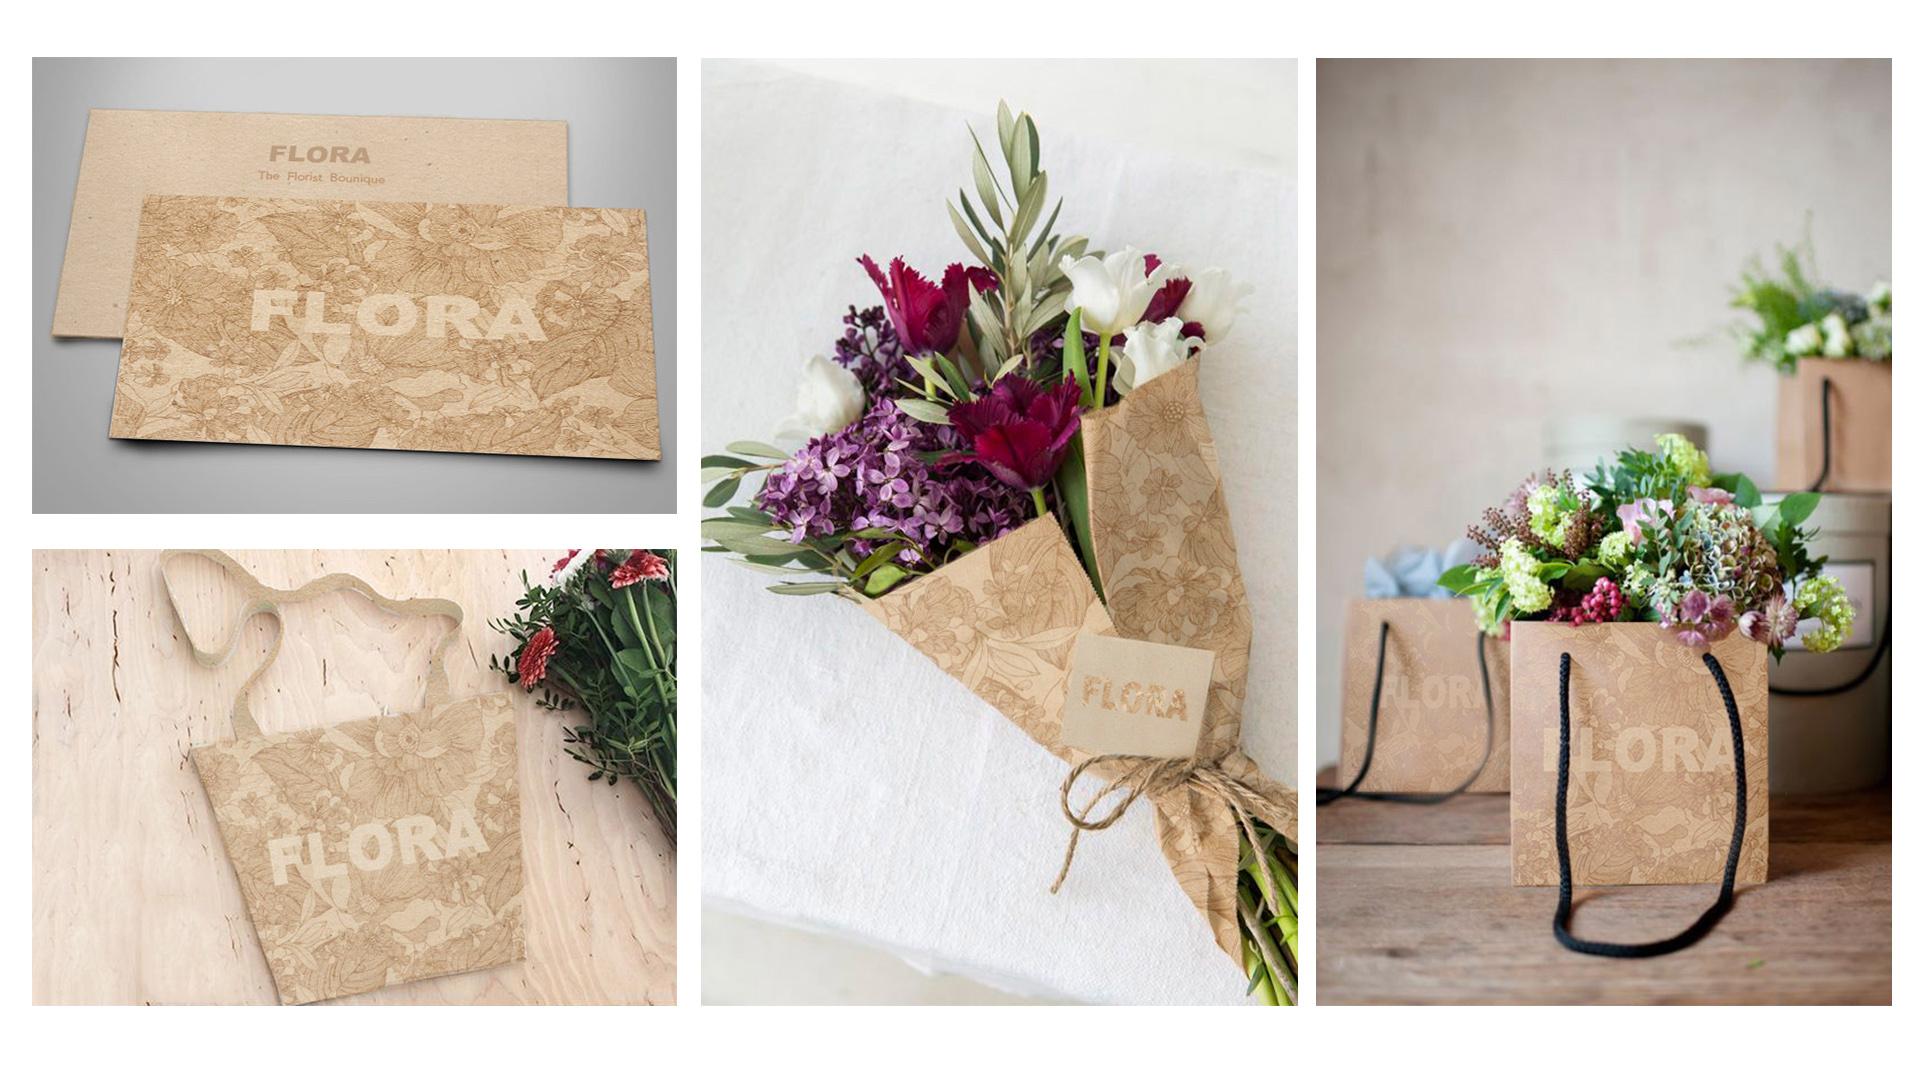 Branding - FLORA Florist Boutique